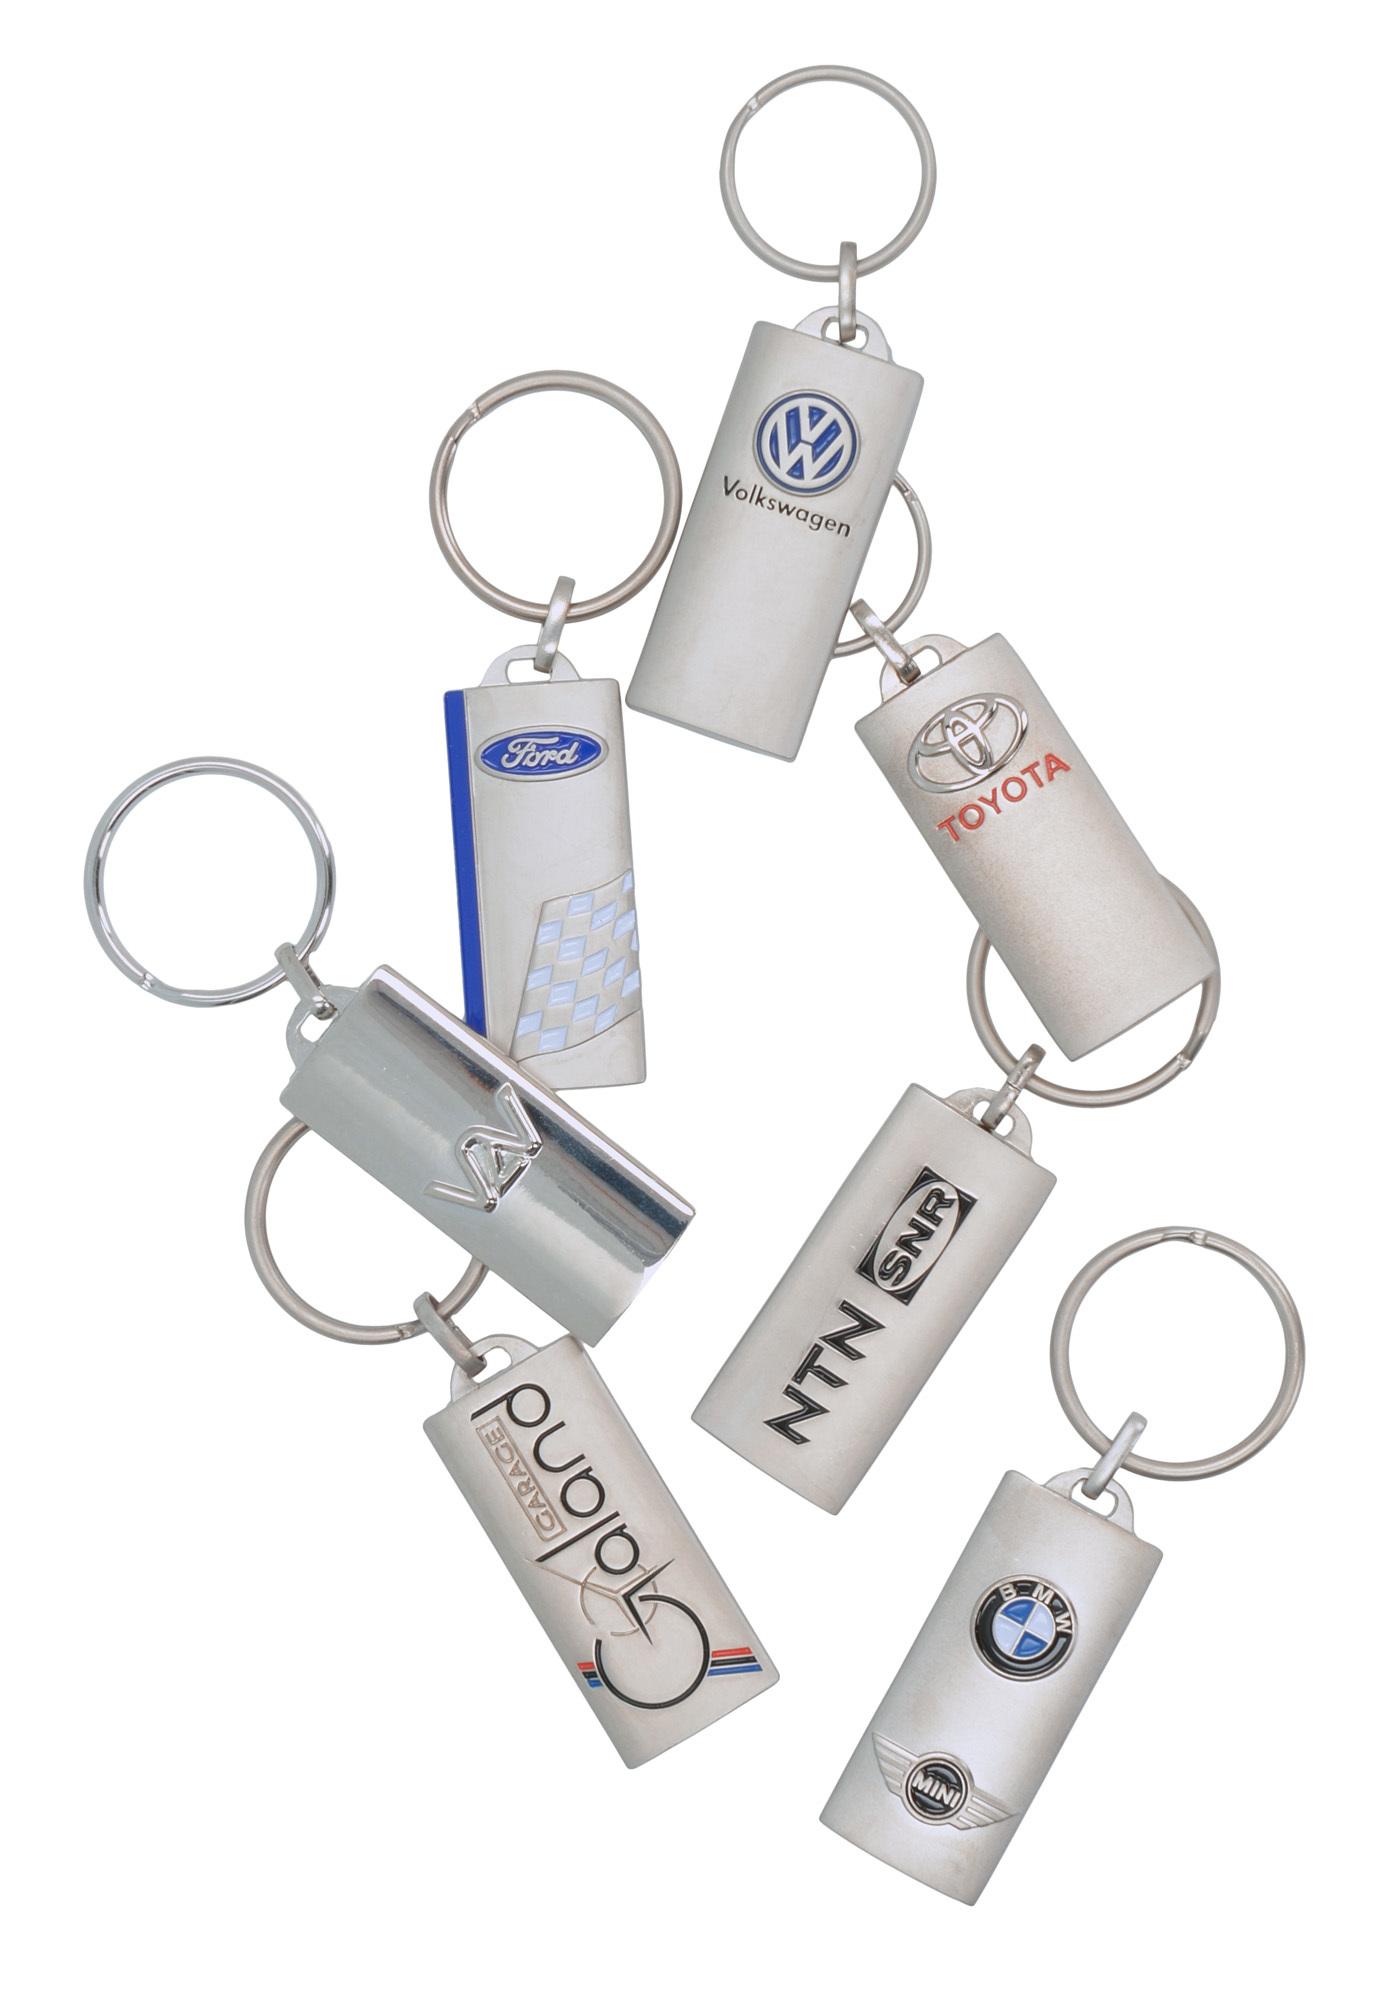 Porte-clés Totem Premium - 3-1114-2